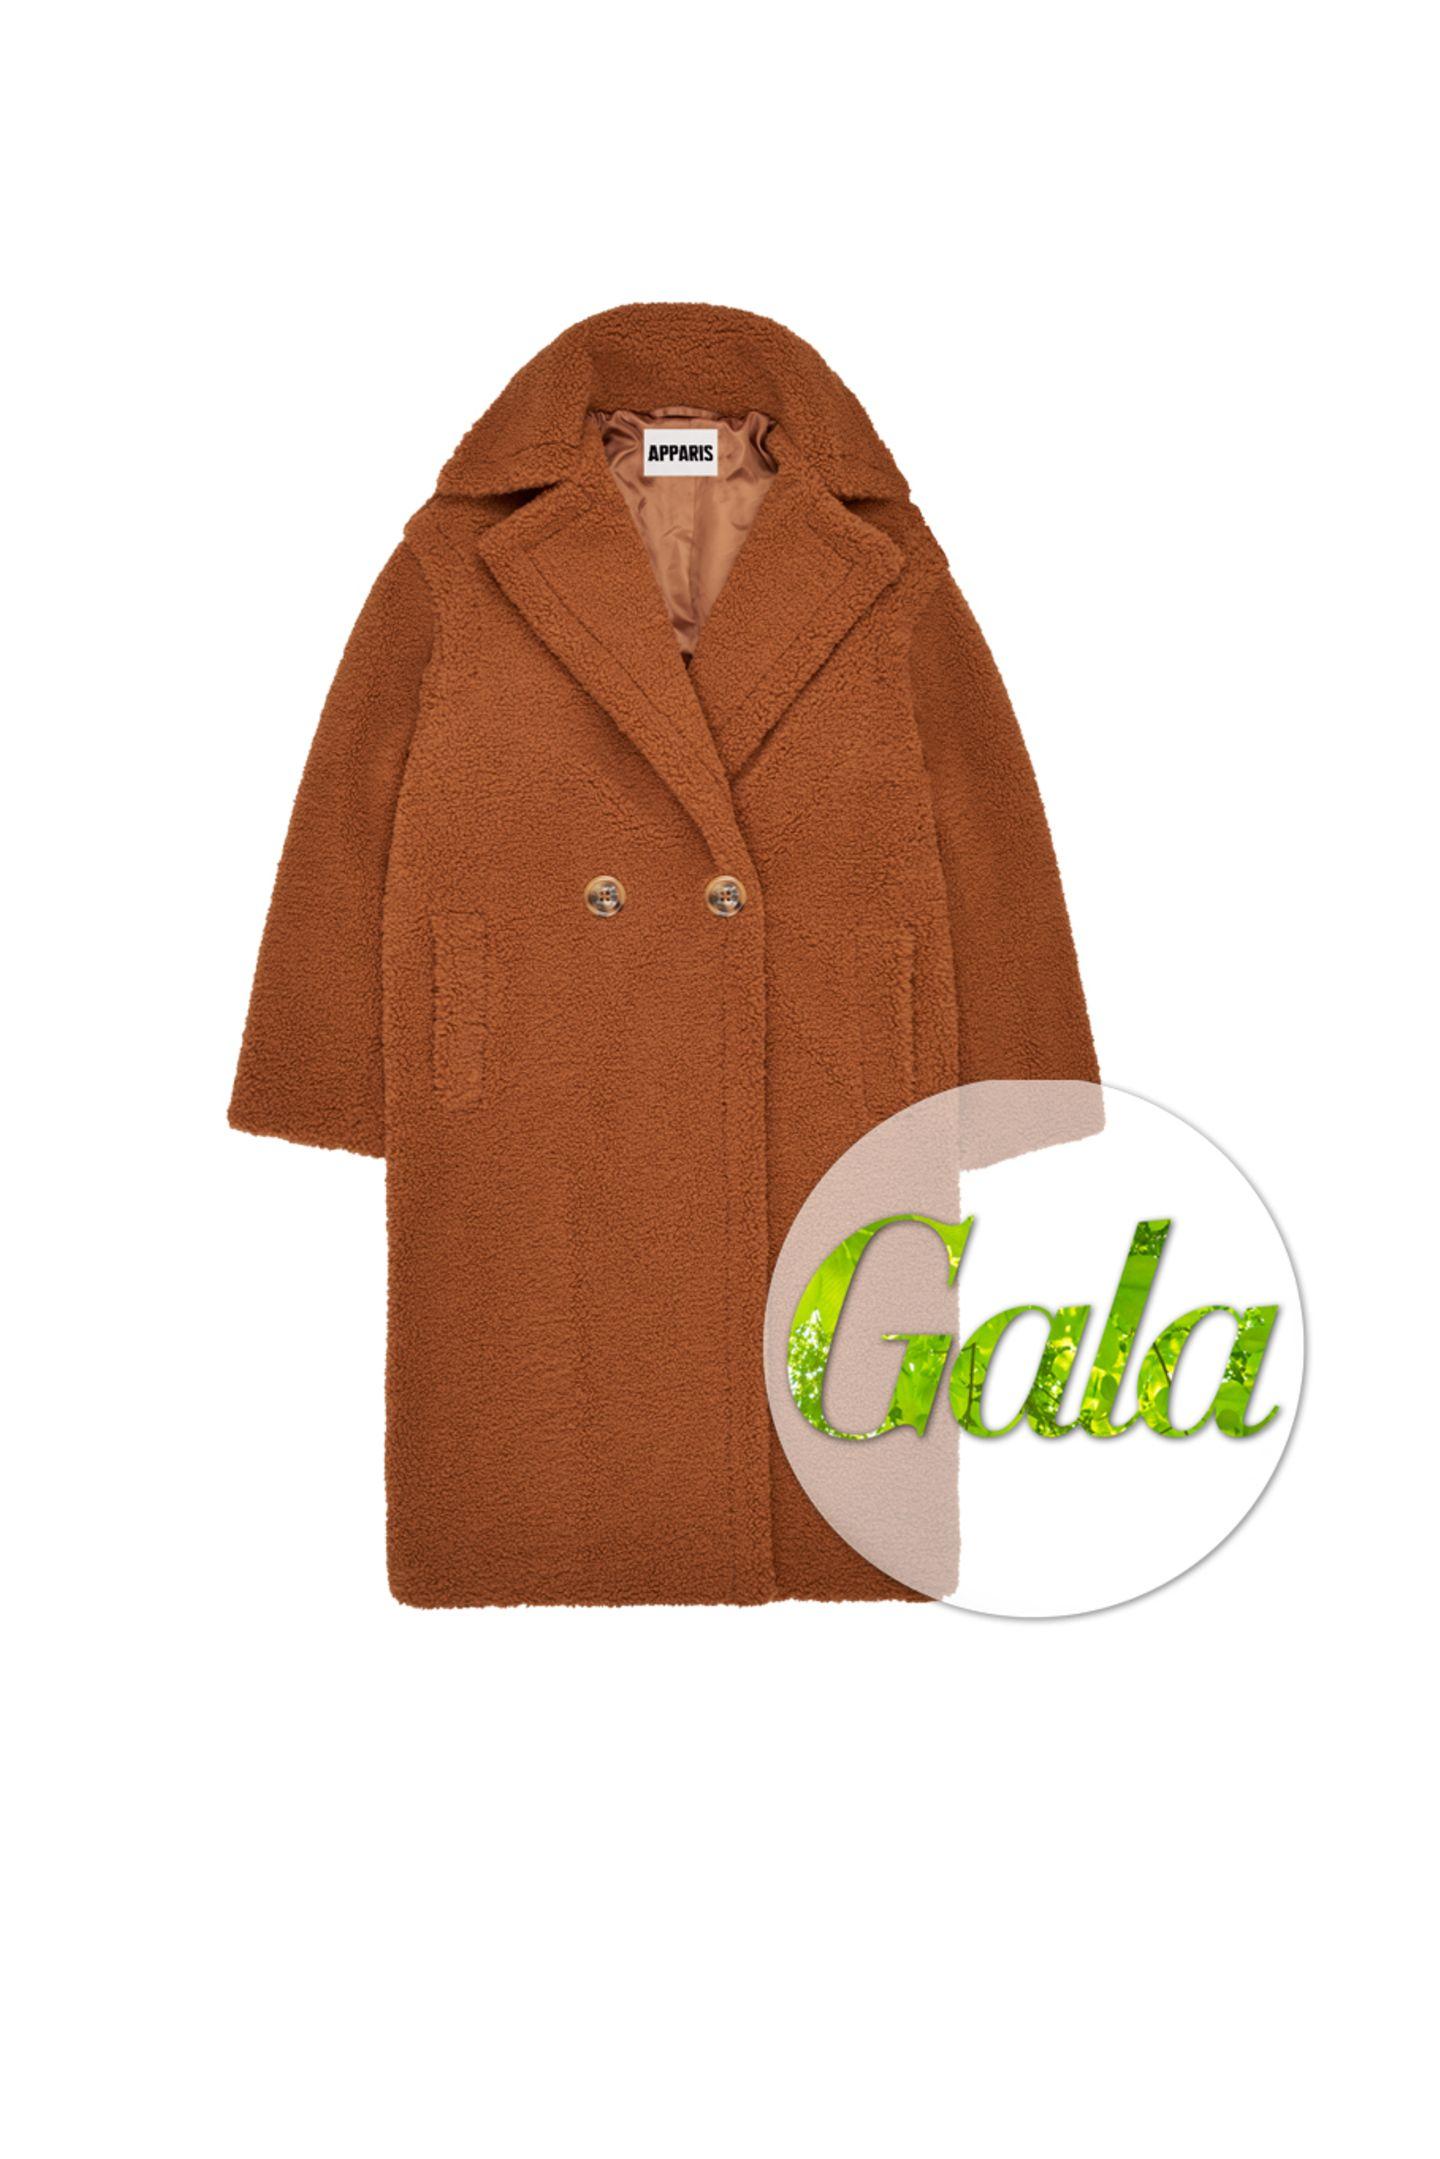 Diese wunderschöne Fell-Jacke von Apparis ist der beste Beweis dafür, dassein flauschiges Tragegefühl umweltfreundlich produziert werden kann. Das It-Piece ist nicht nur vegan, sondern auch frei von Grausamkeiten, kostet ca. 400 Euro.